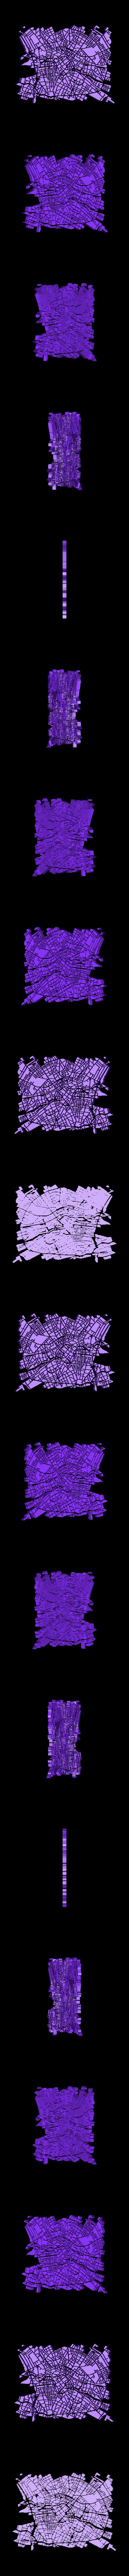 map2buildings.stl Télécharger fichier STL gratuit Carte de Berlin • Design pour impression 3D, IsabellaMarques56